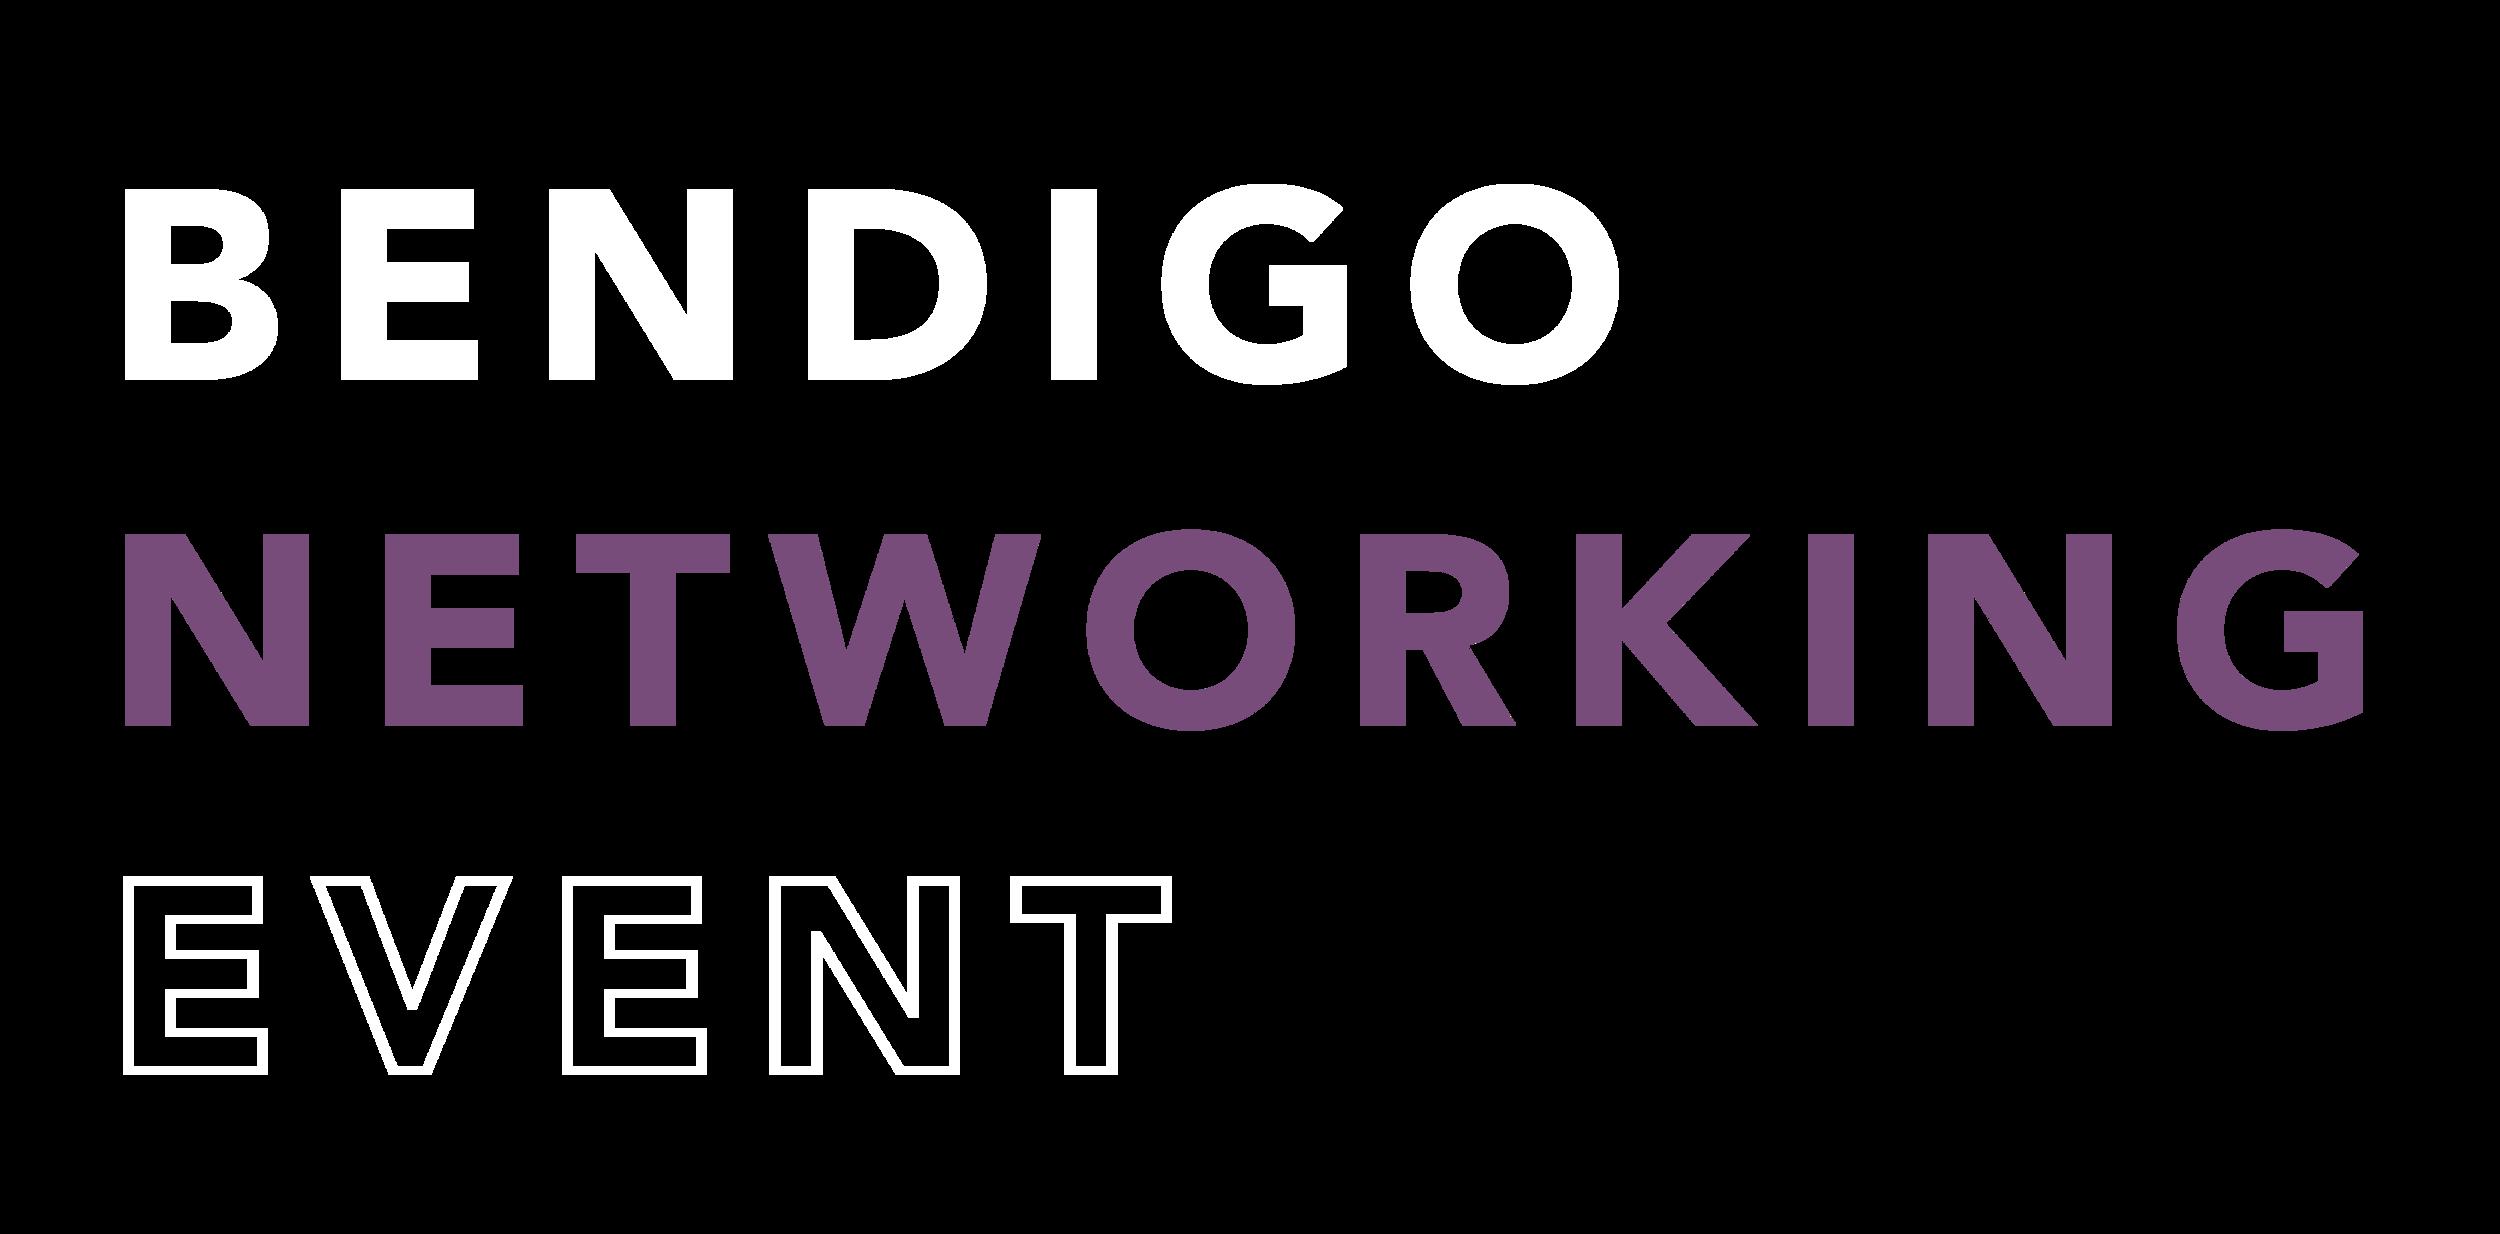 Bendigo Networking Event